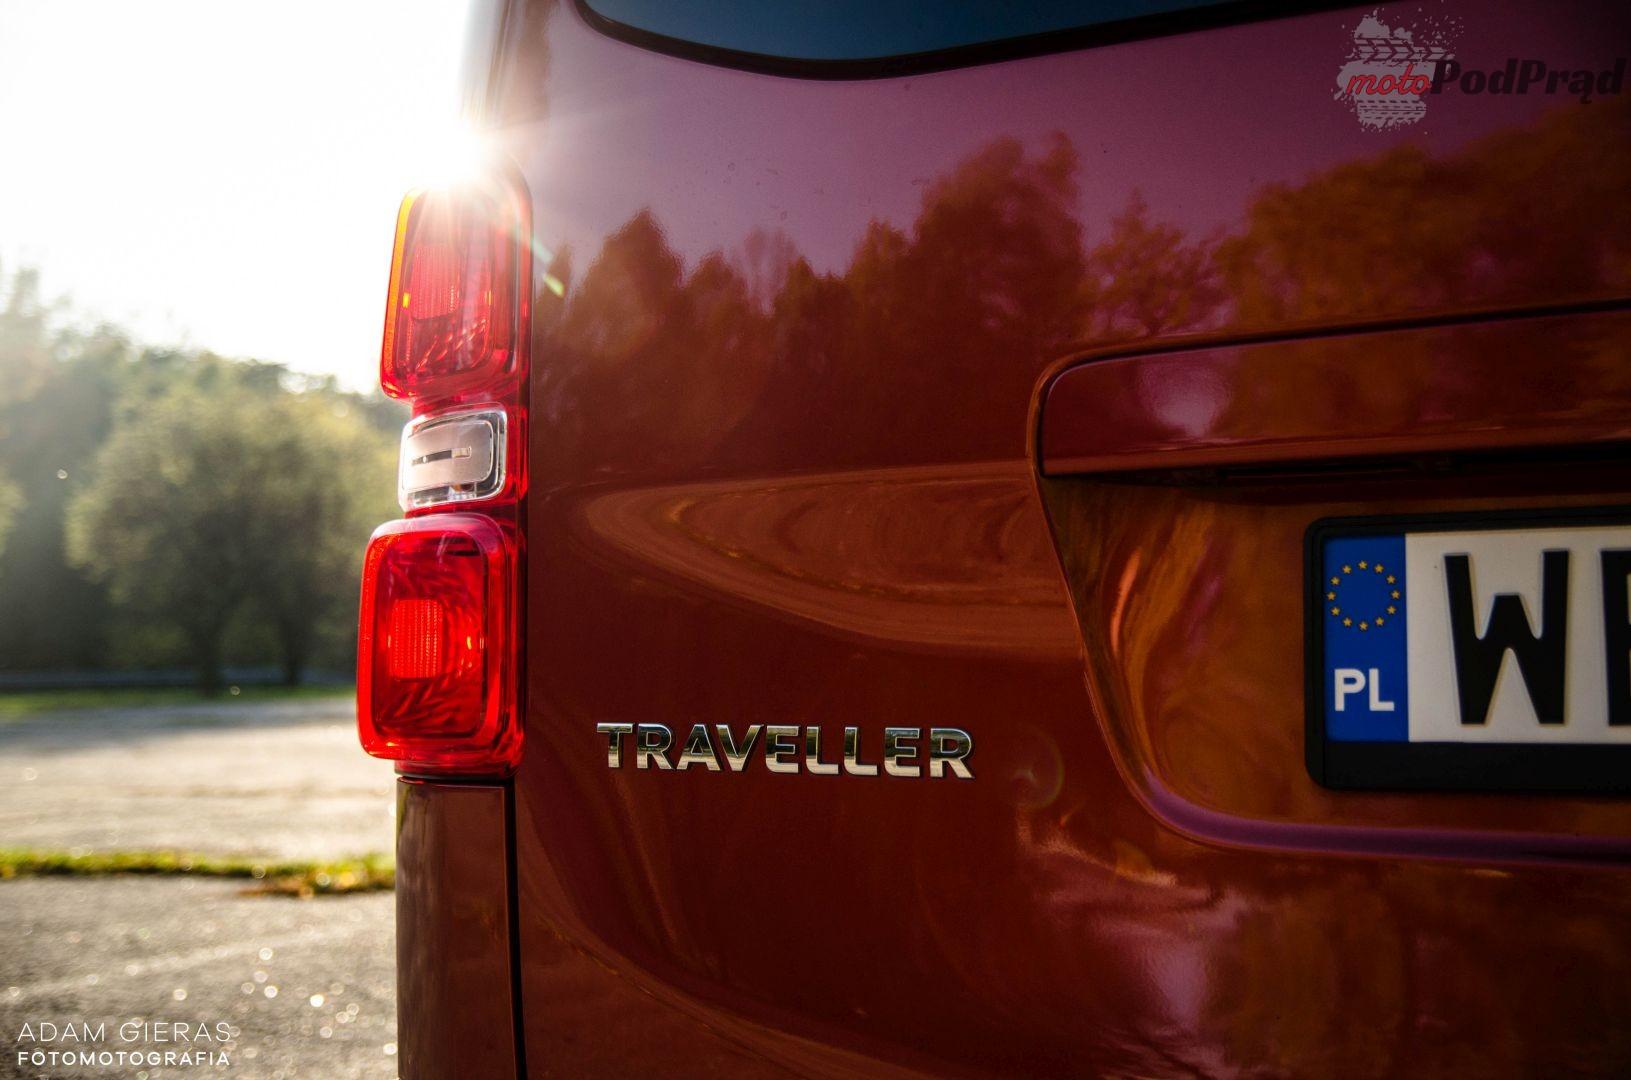 Peugeot Traveller 8 Test: Peugeot Traveller 2.0 BlueHDi Allure   na koniec świata i jeszcze dalej?